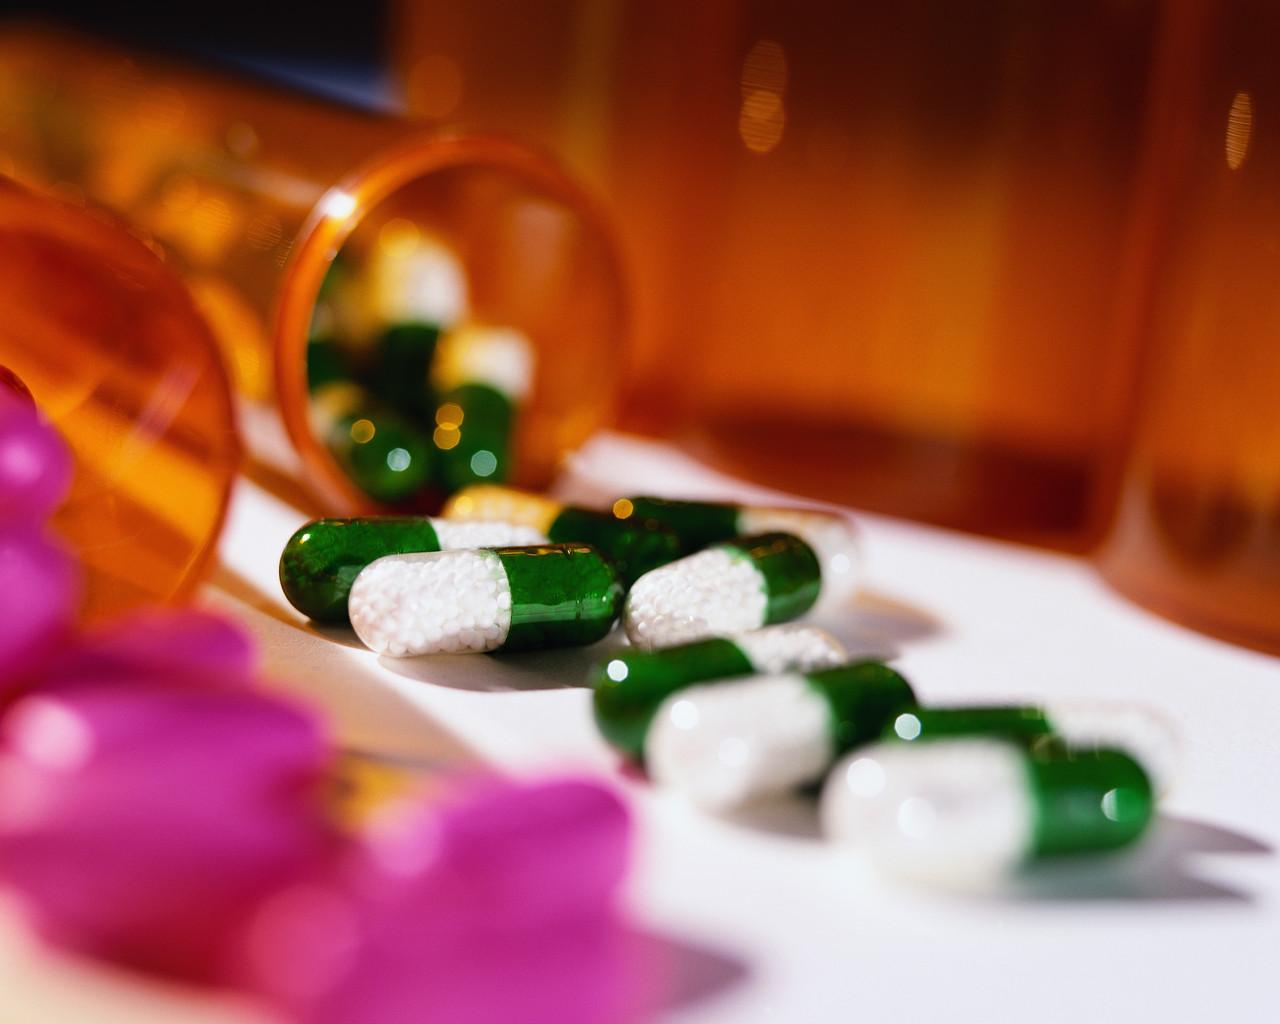 лекарства для профилактики паразитов у детей форум